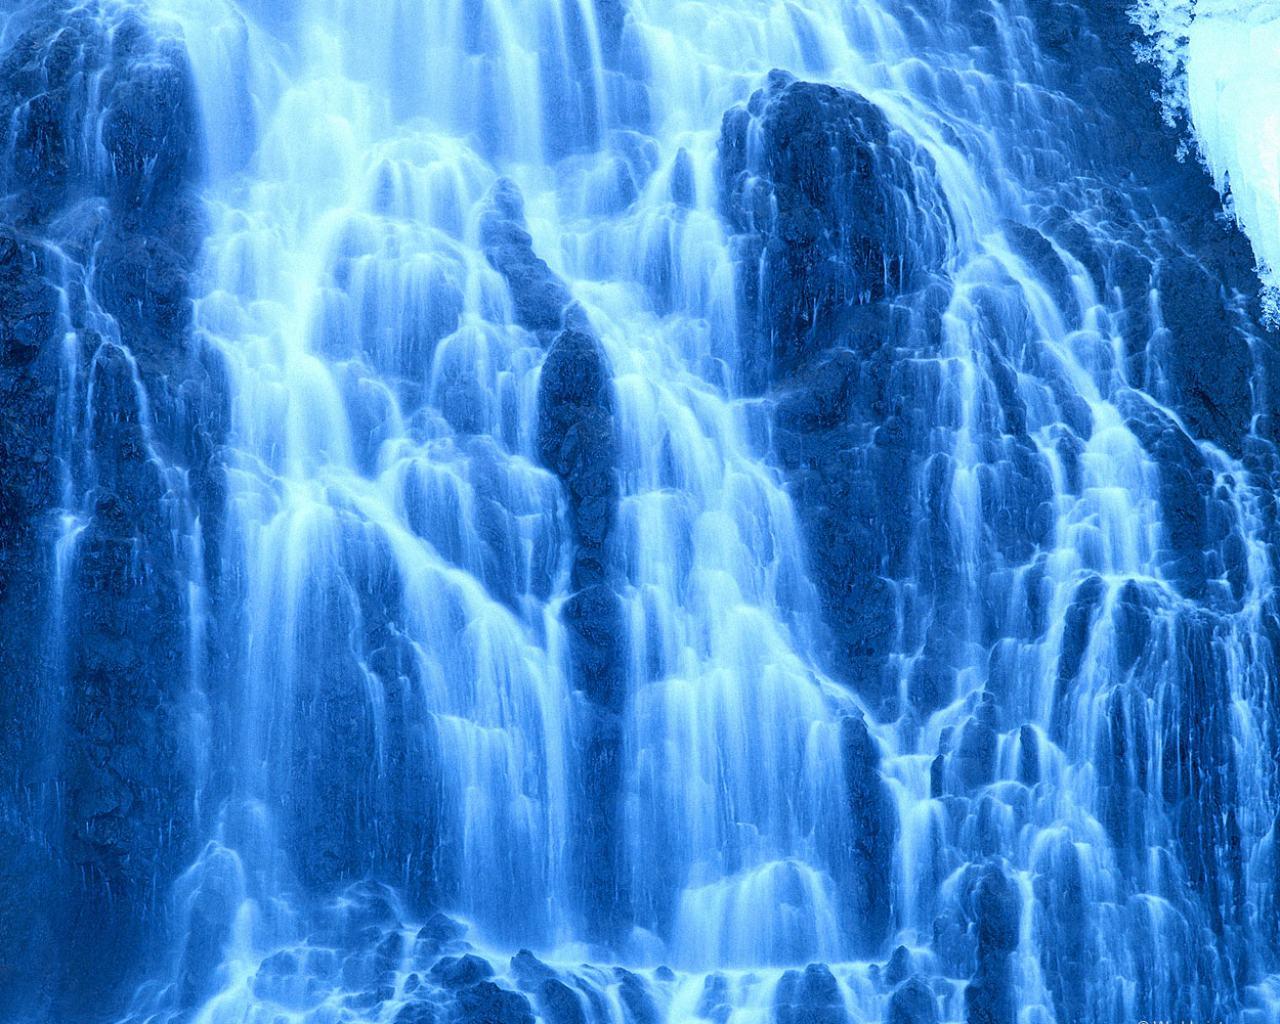 Синий водопад скачать водопад 1280x1024